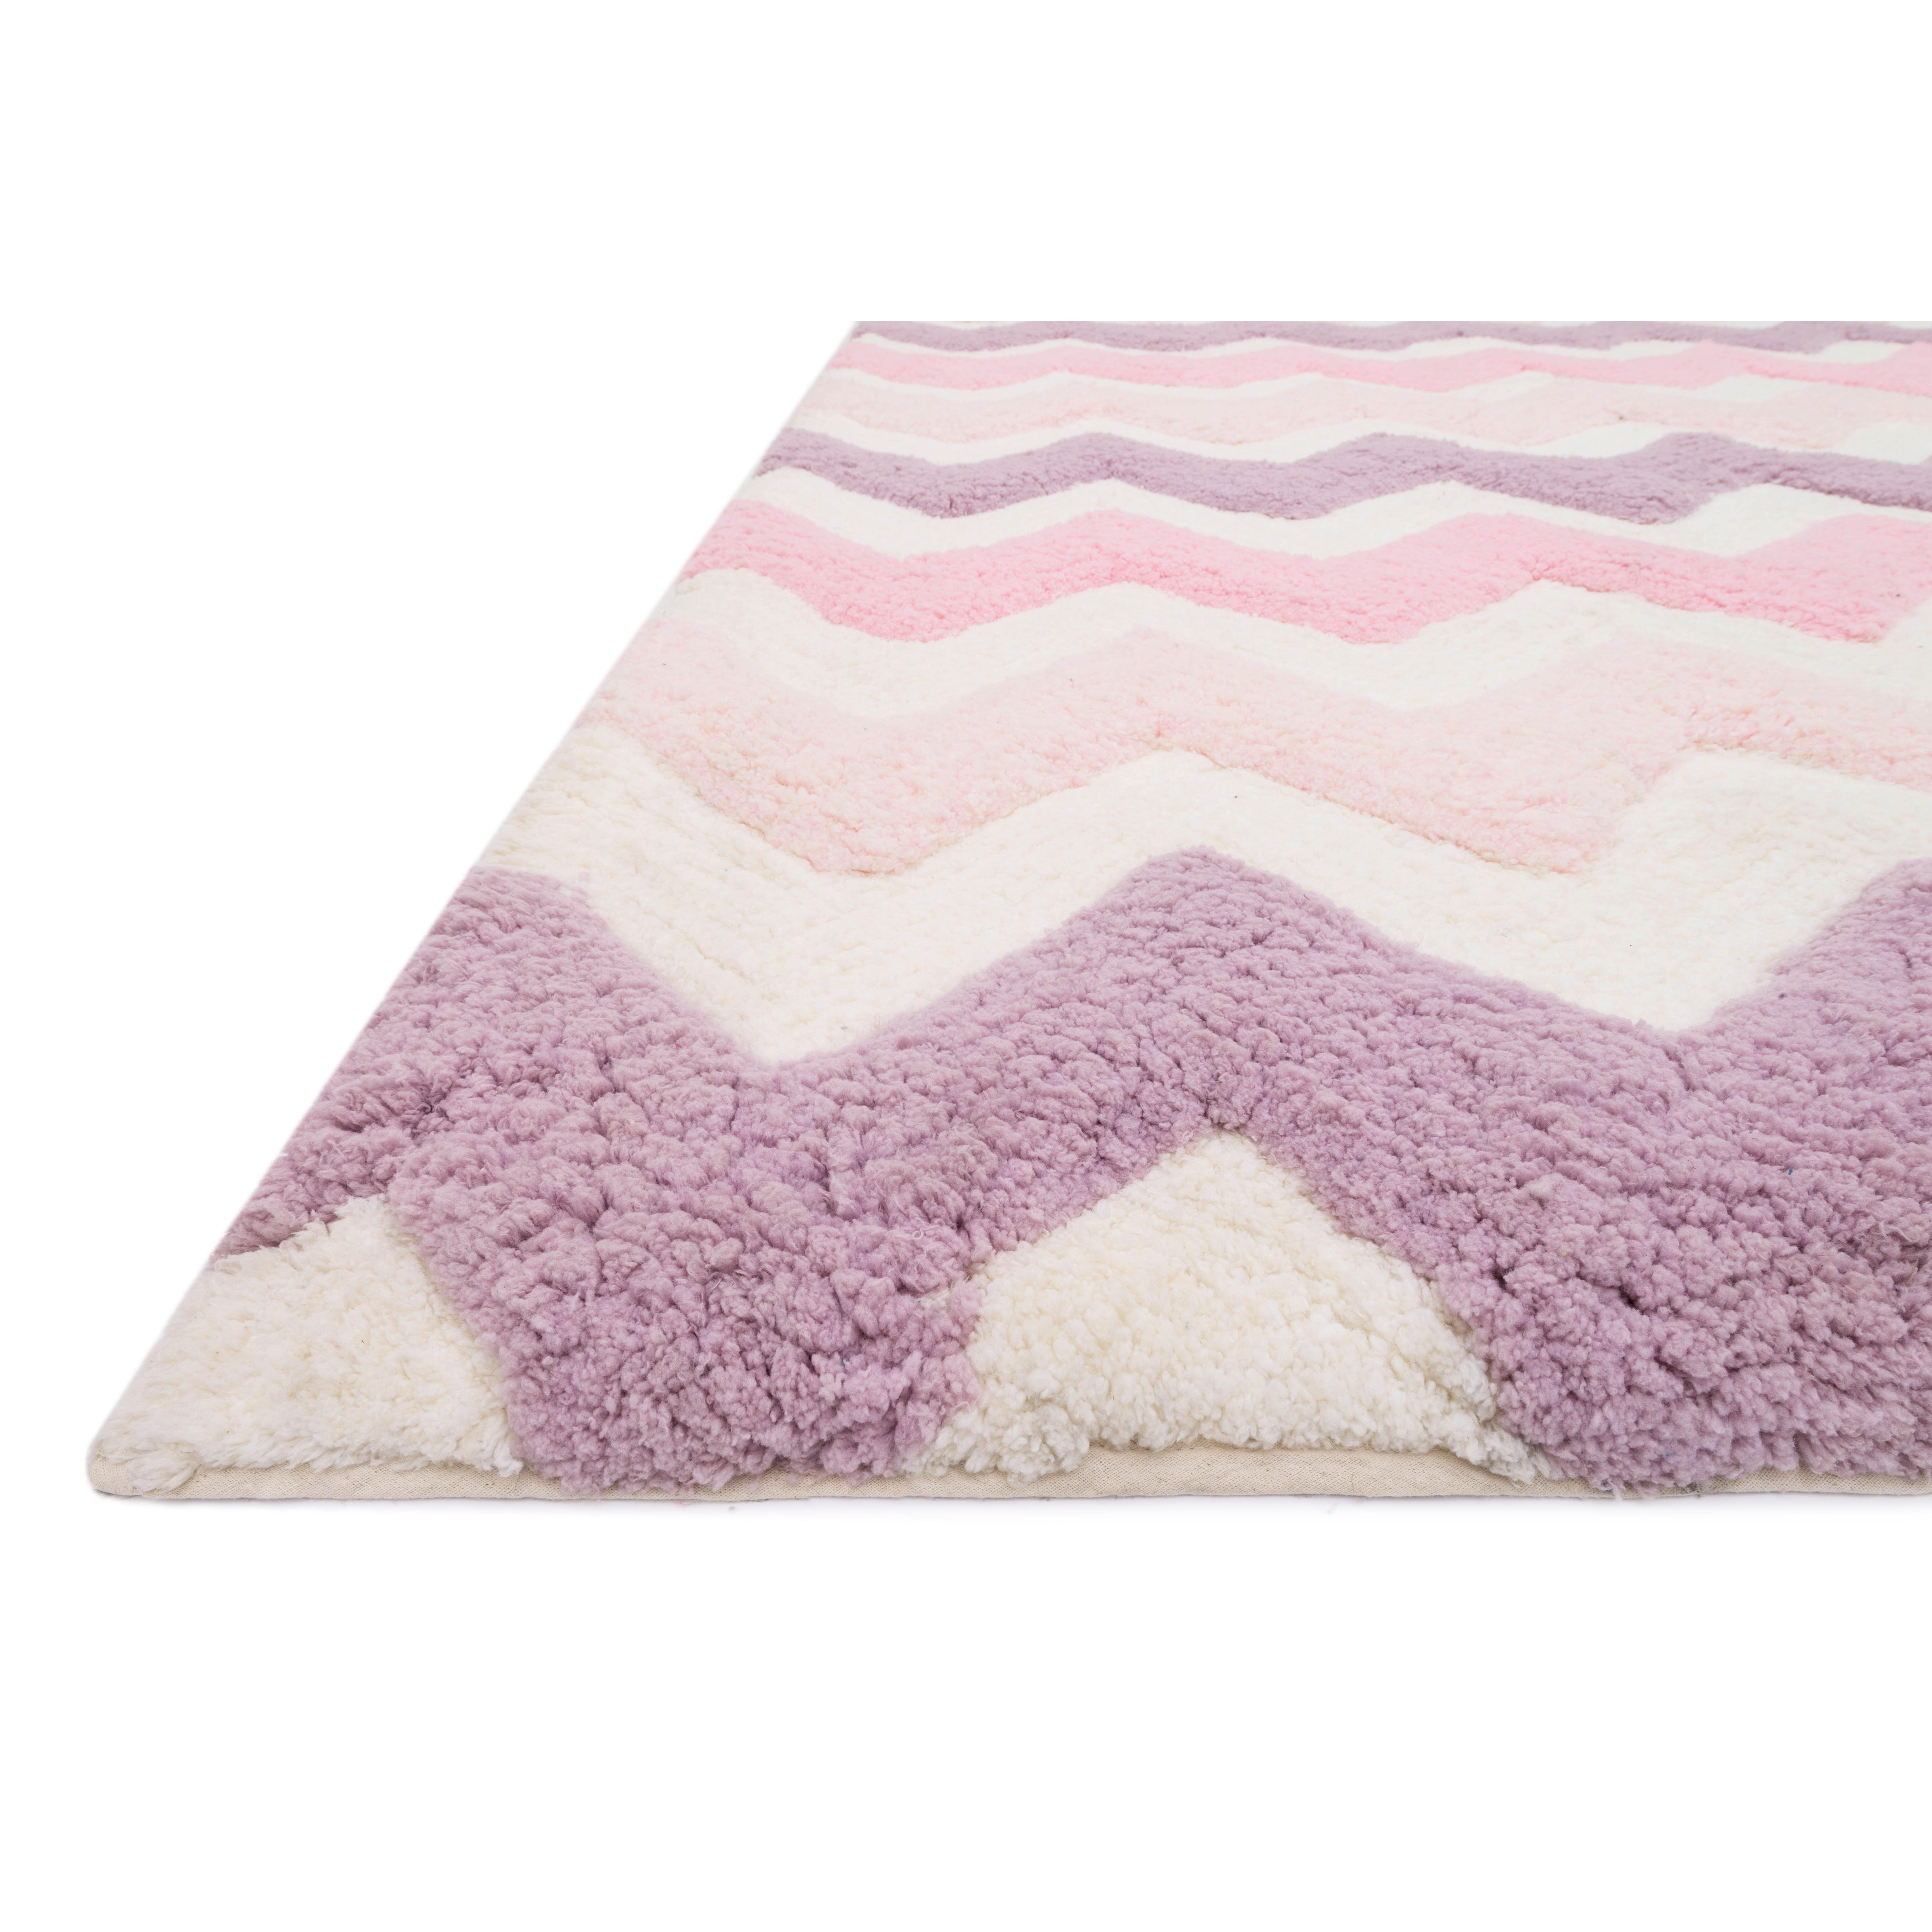 Loloi Rugs Lola Handmade Pink Purple Shag Area Rug